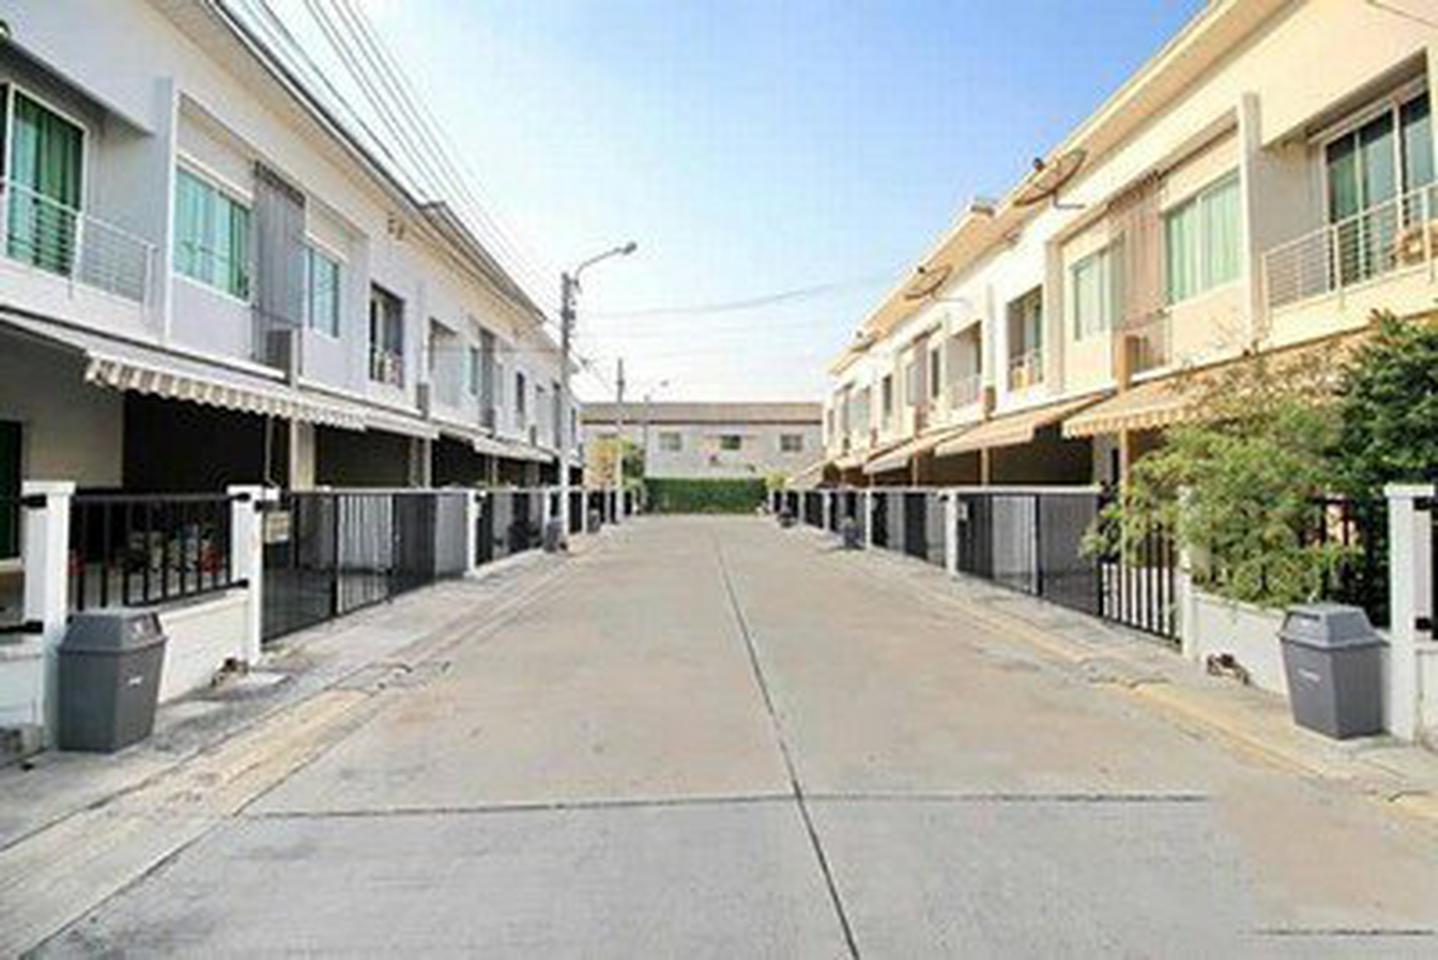 ขายบ้านใหม่สวย เดอะพลีโน่ พระราม5 ปิ่นเกล้า  รูปที่ 6